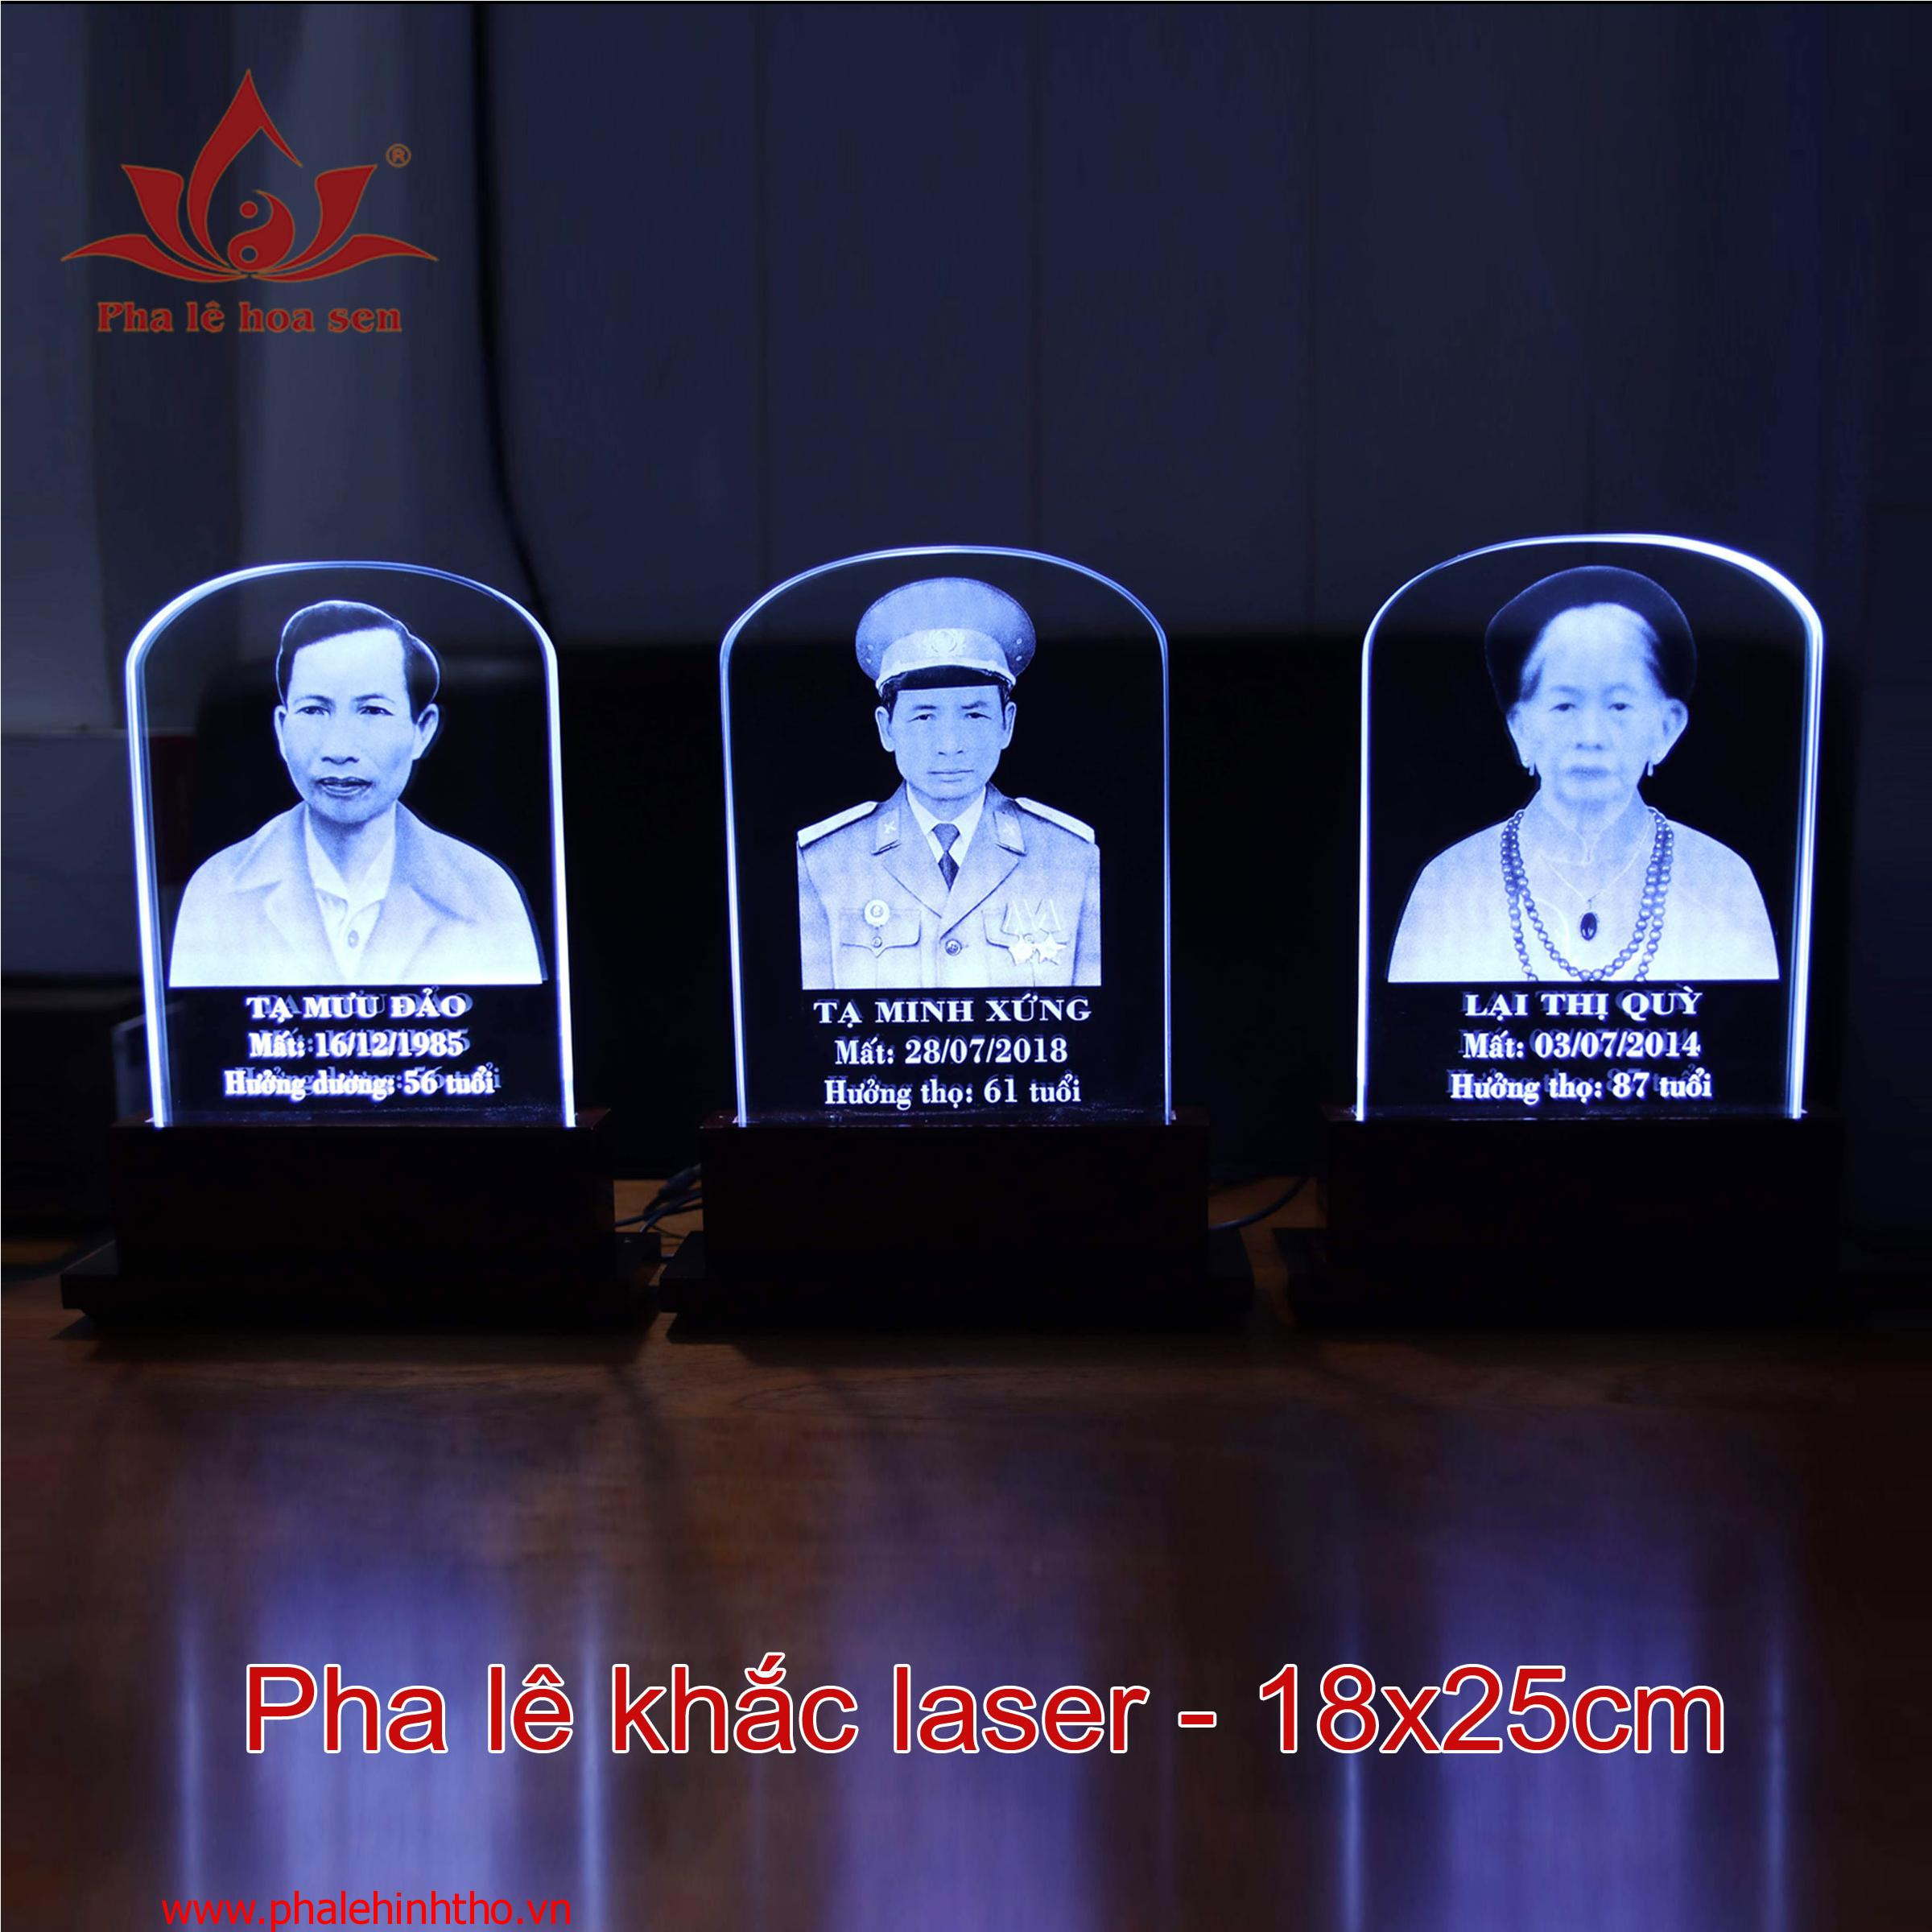 Pha lê khắc laser kích thước 18x25cm